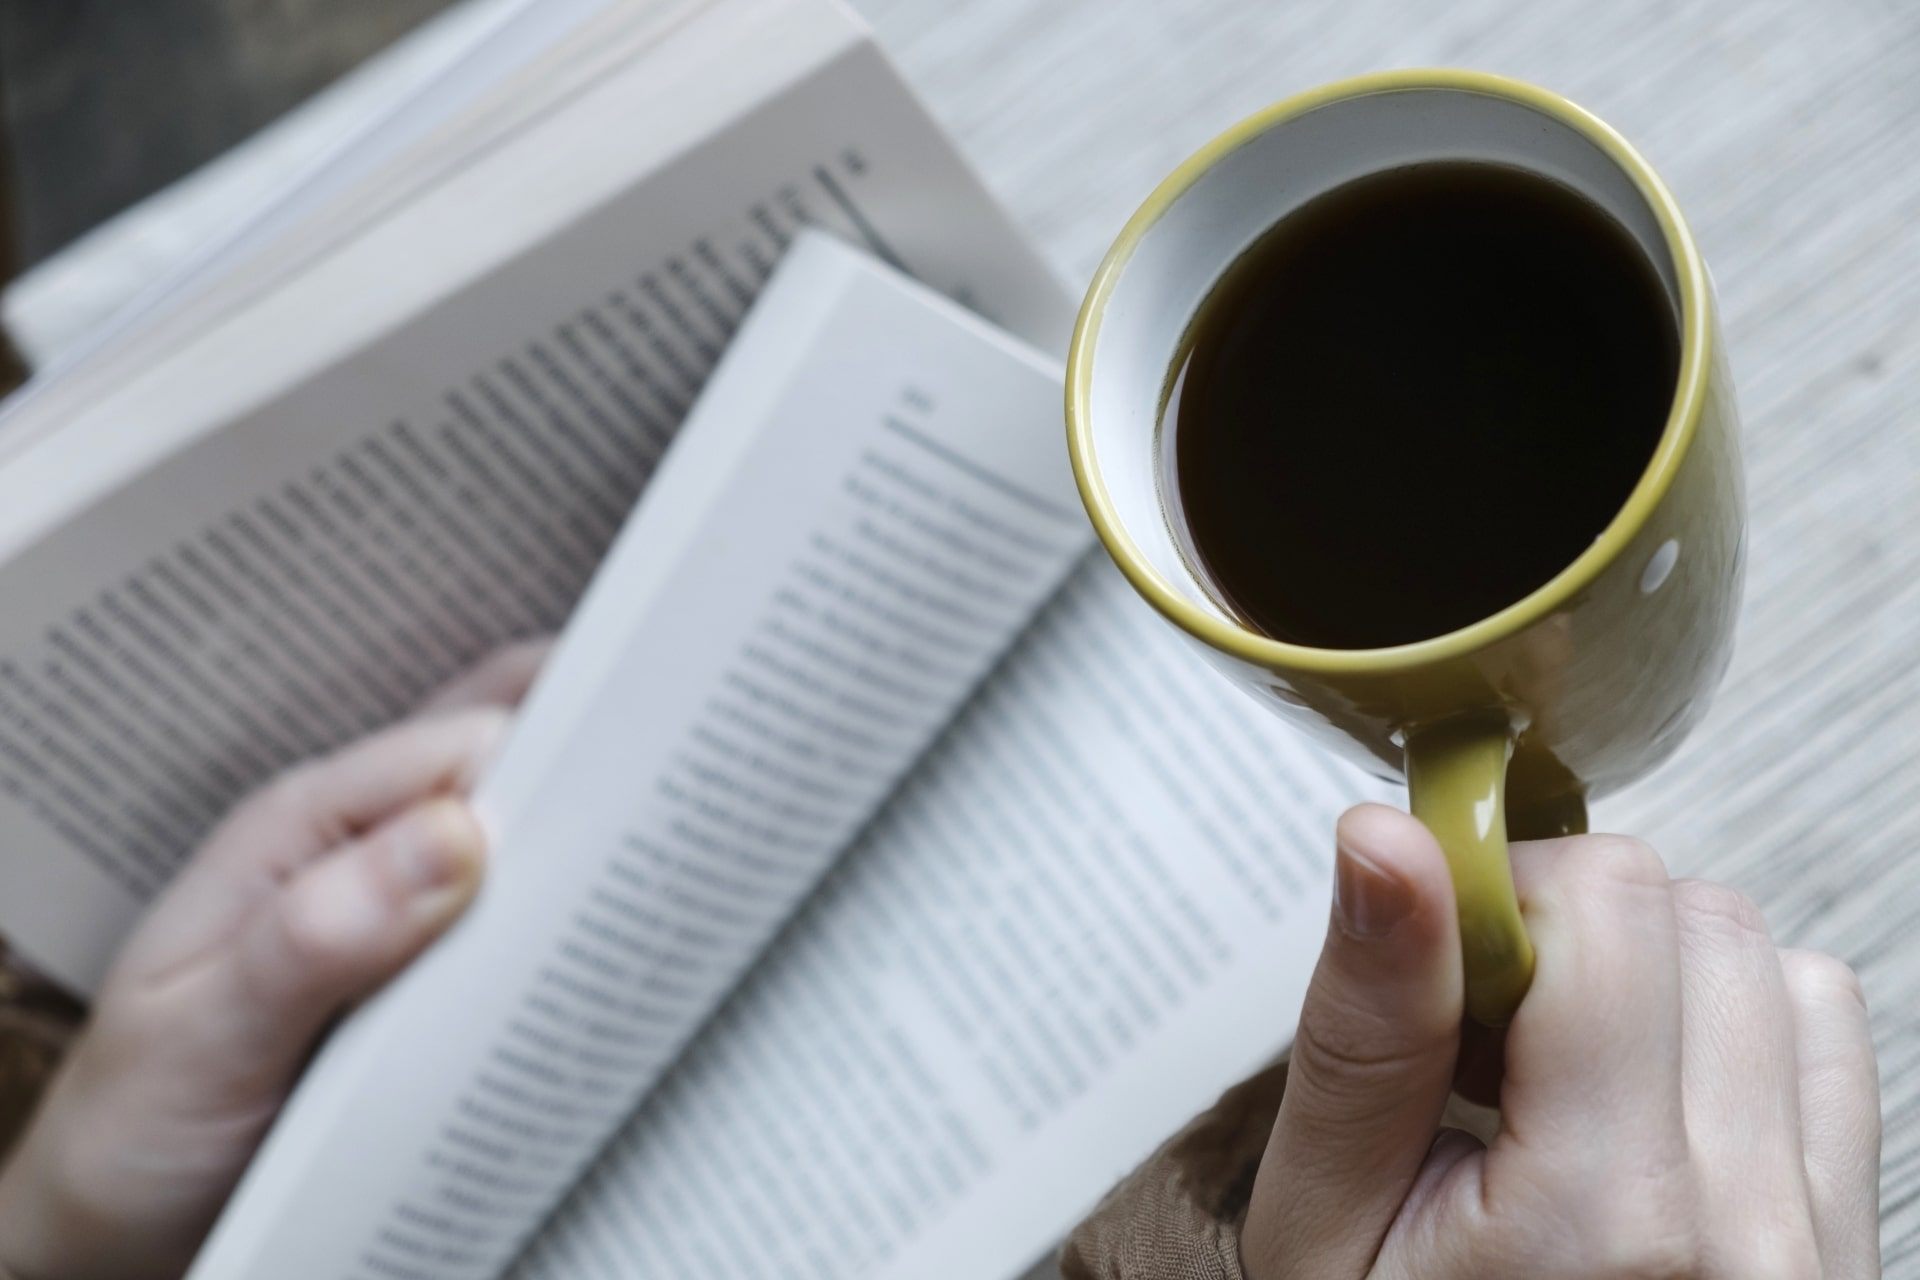 コーヒーと英文書